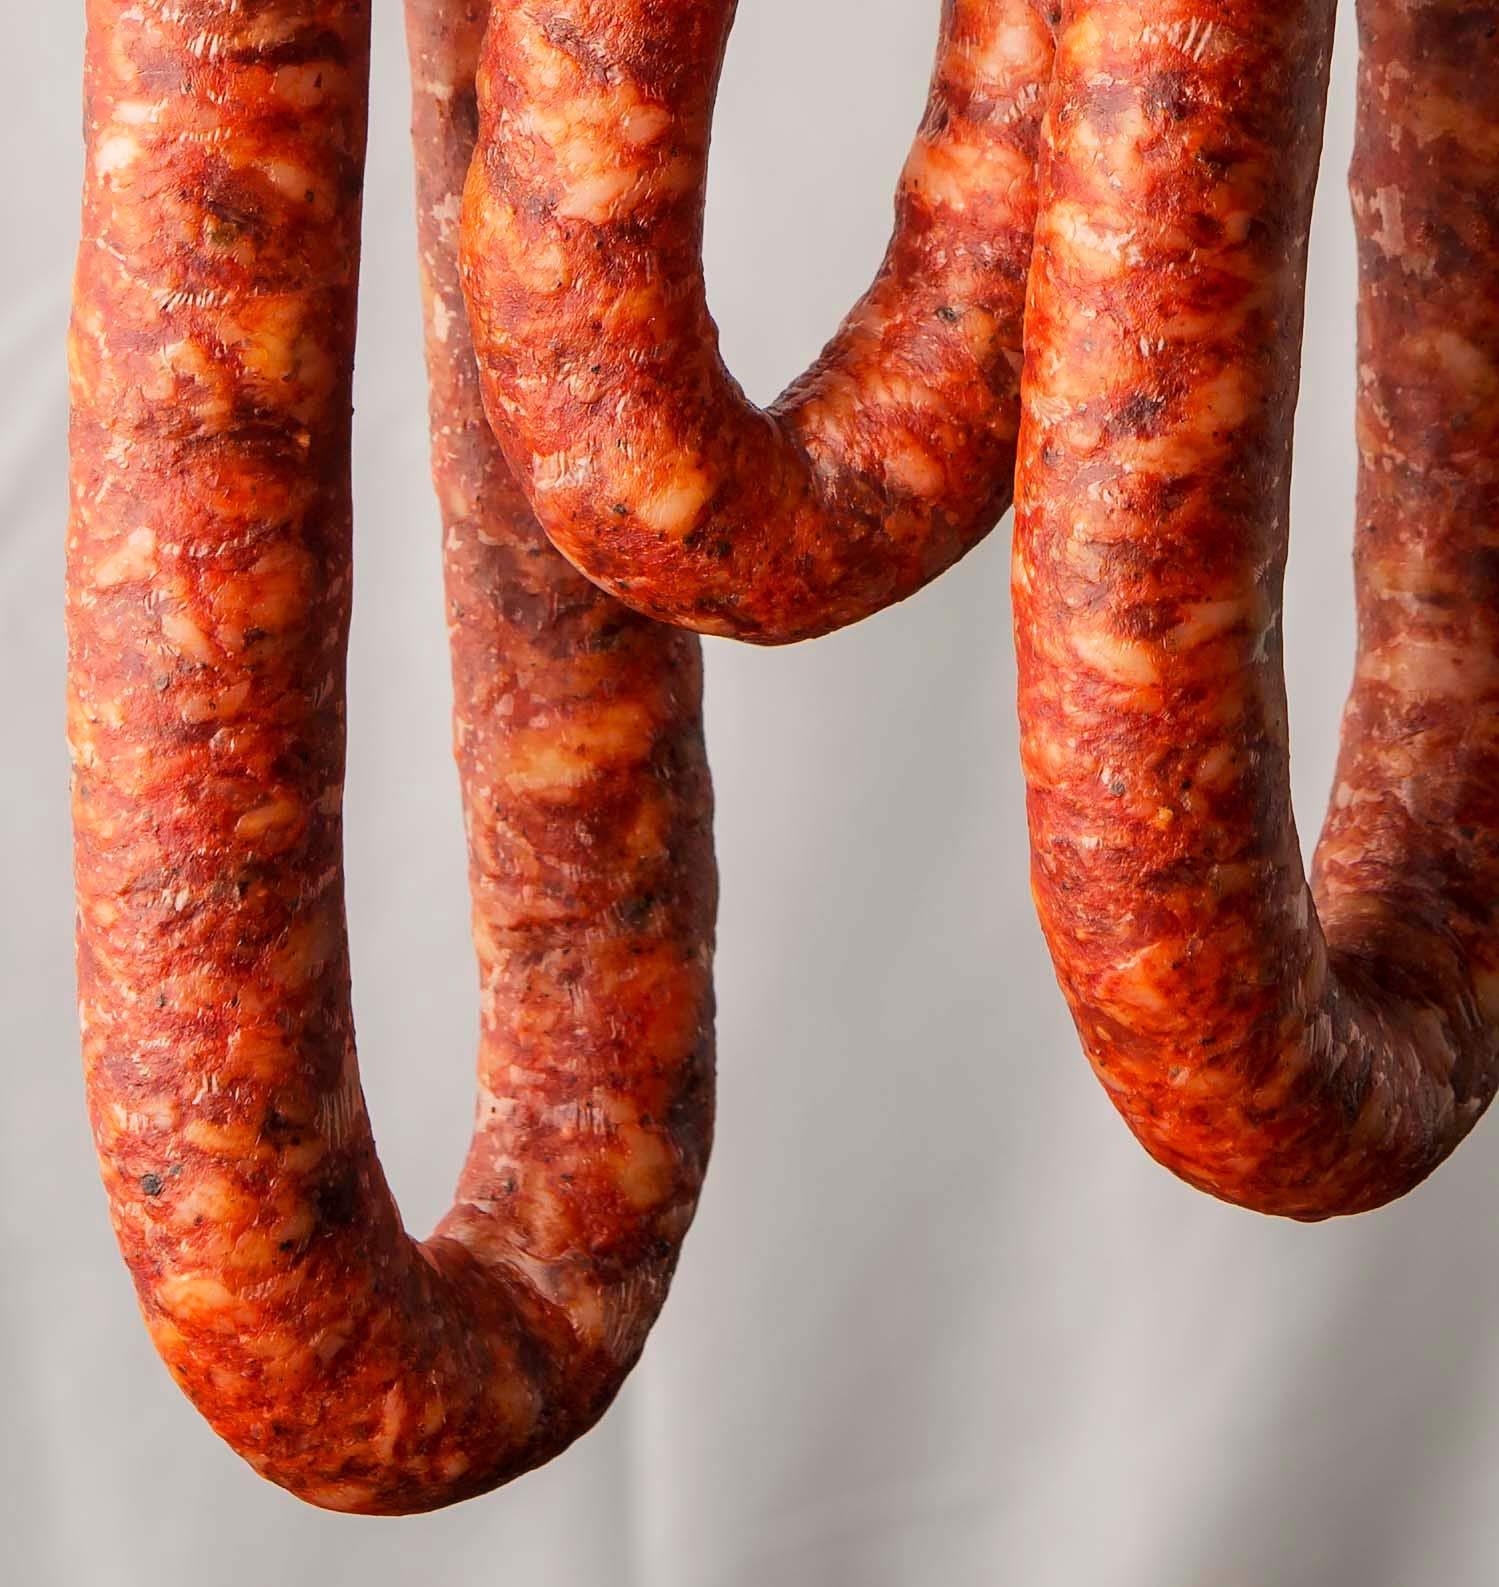 Mexican longaniza sausage hanging